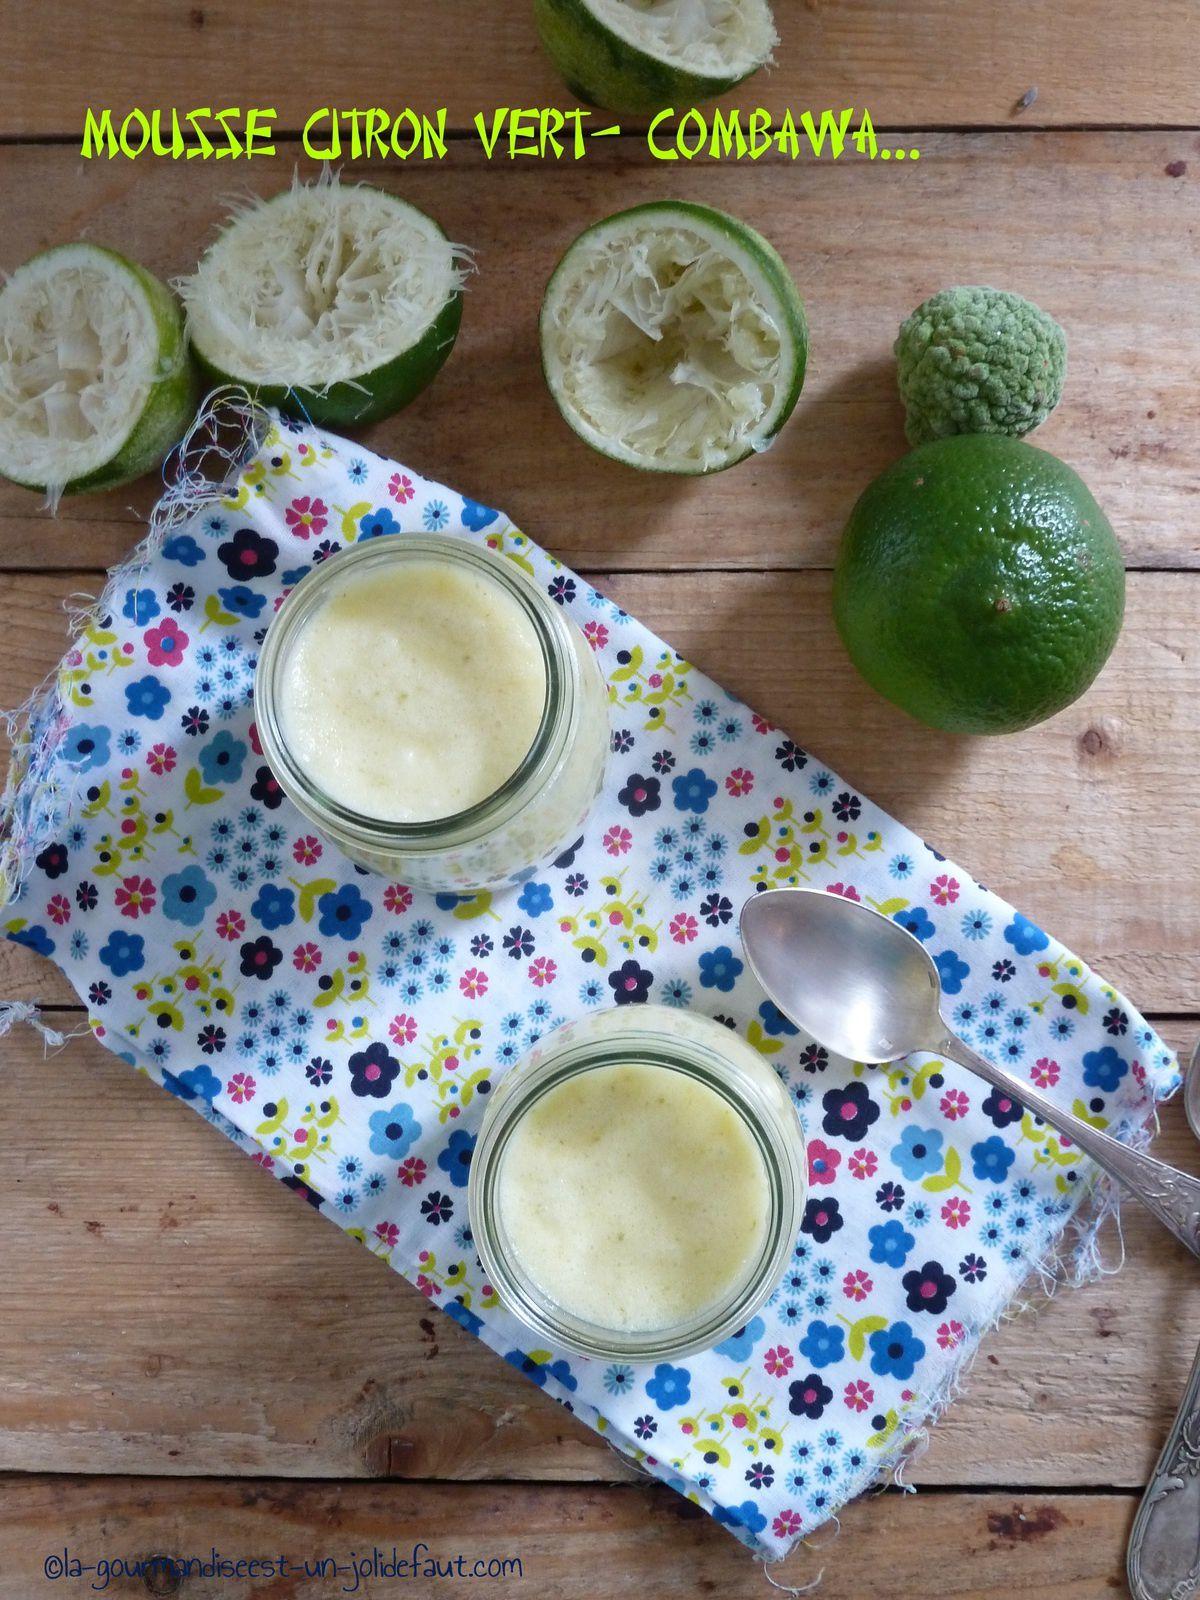 Mousse de citron vert au combawa